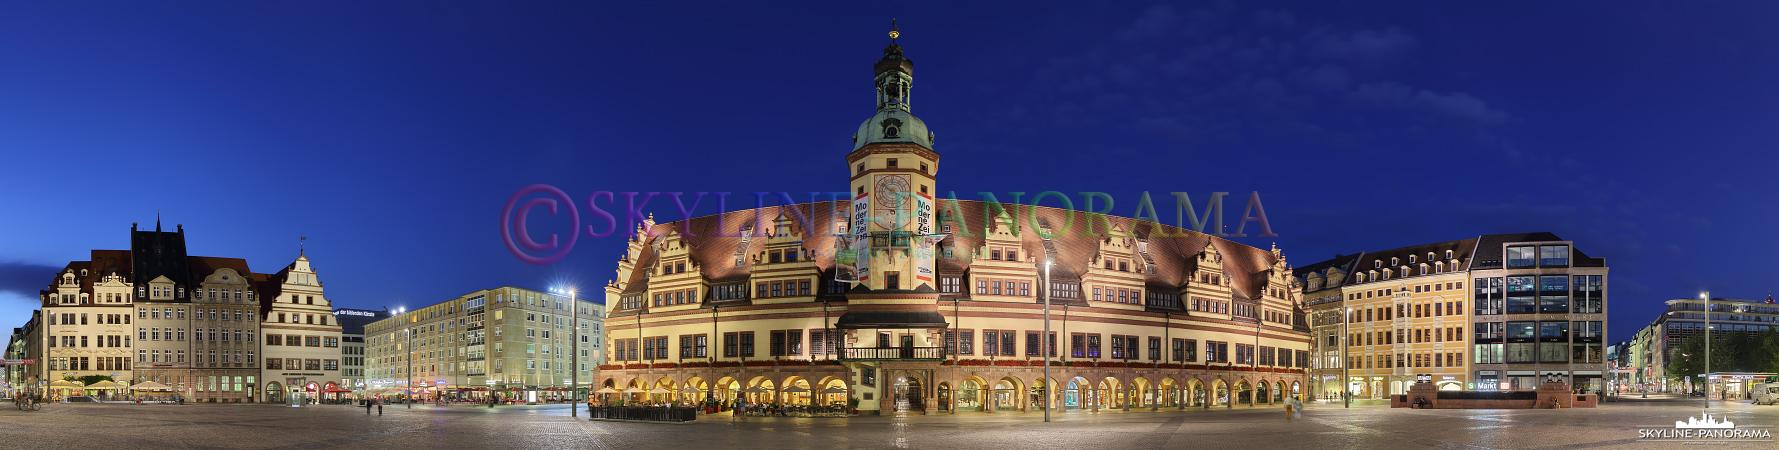 Panorama Leipzig - Das Alte Rathaus von Leipzig mit dem asymmetrisch angeordneten Rathausturm ist eines der bedeutendsten Gebäude der Renaissance in Sachsen.